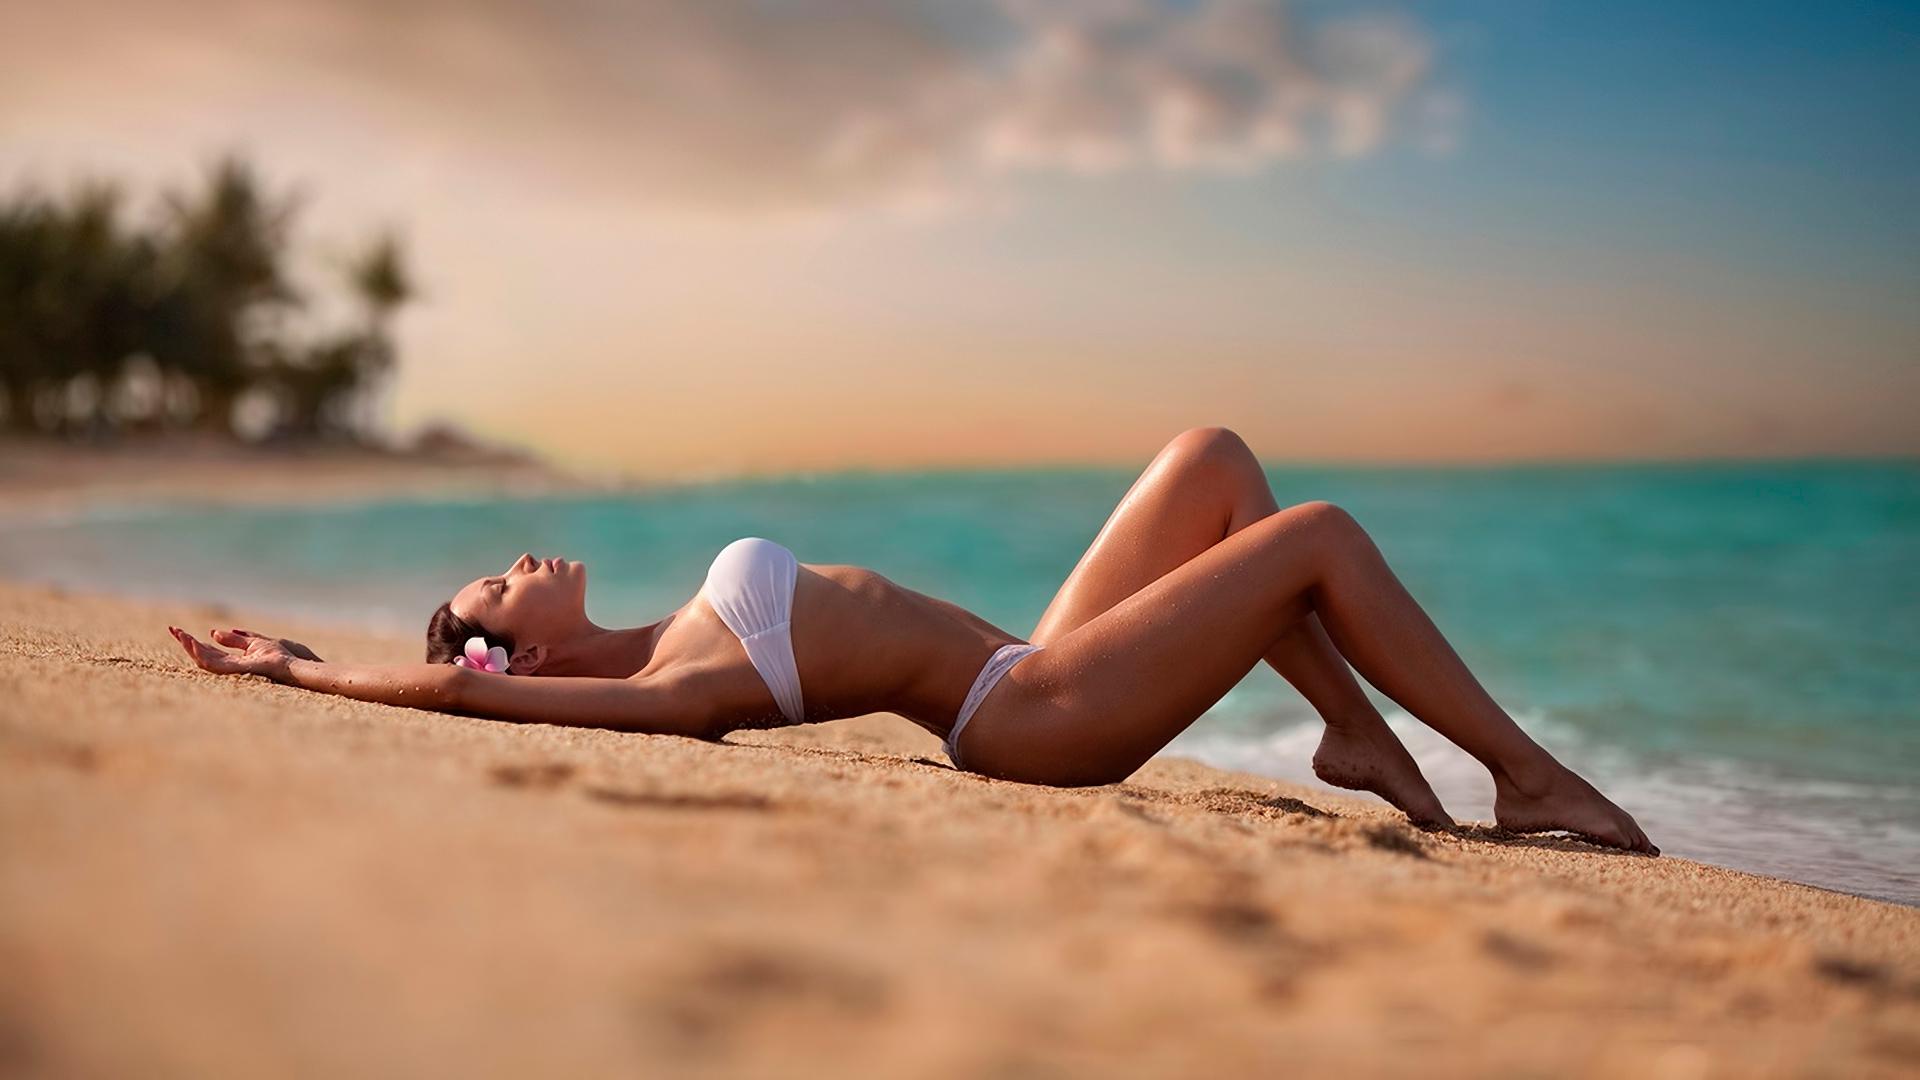 Пляжный онанизм